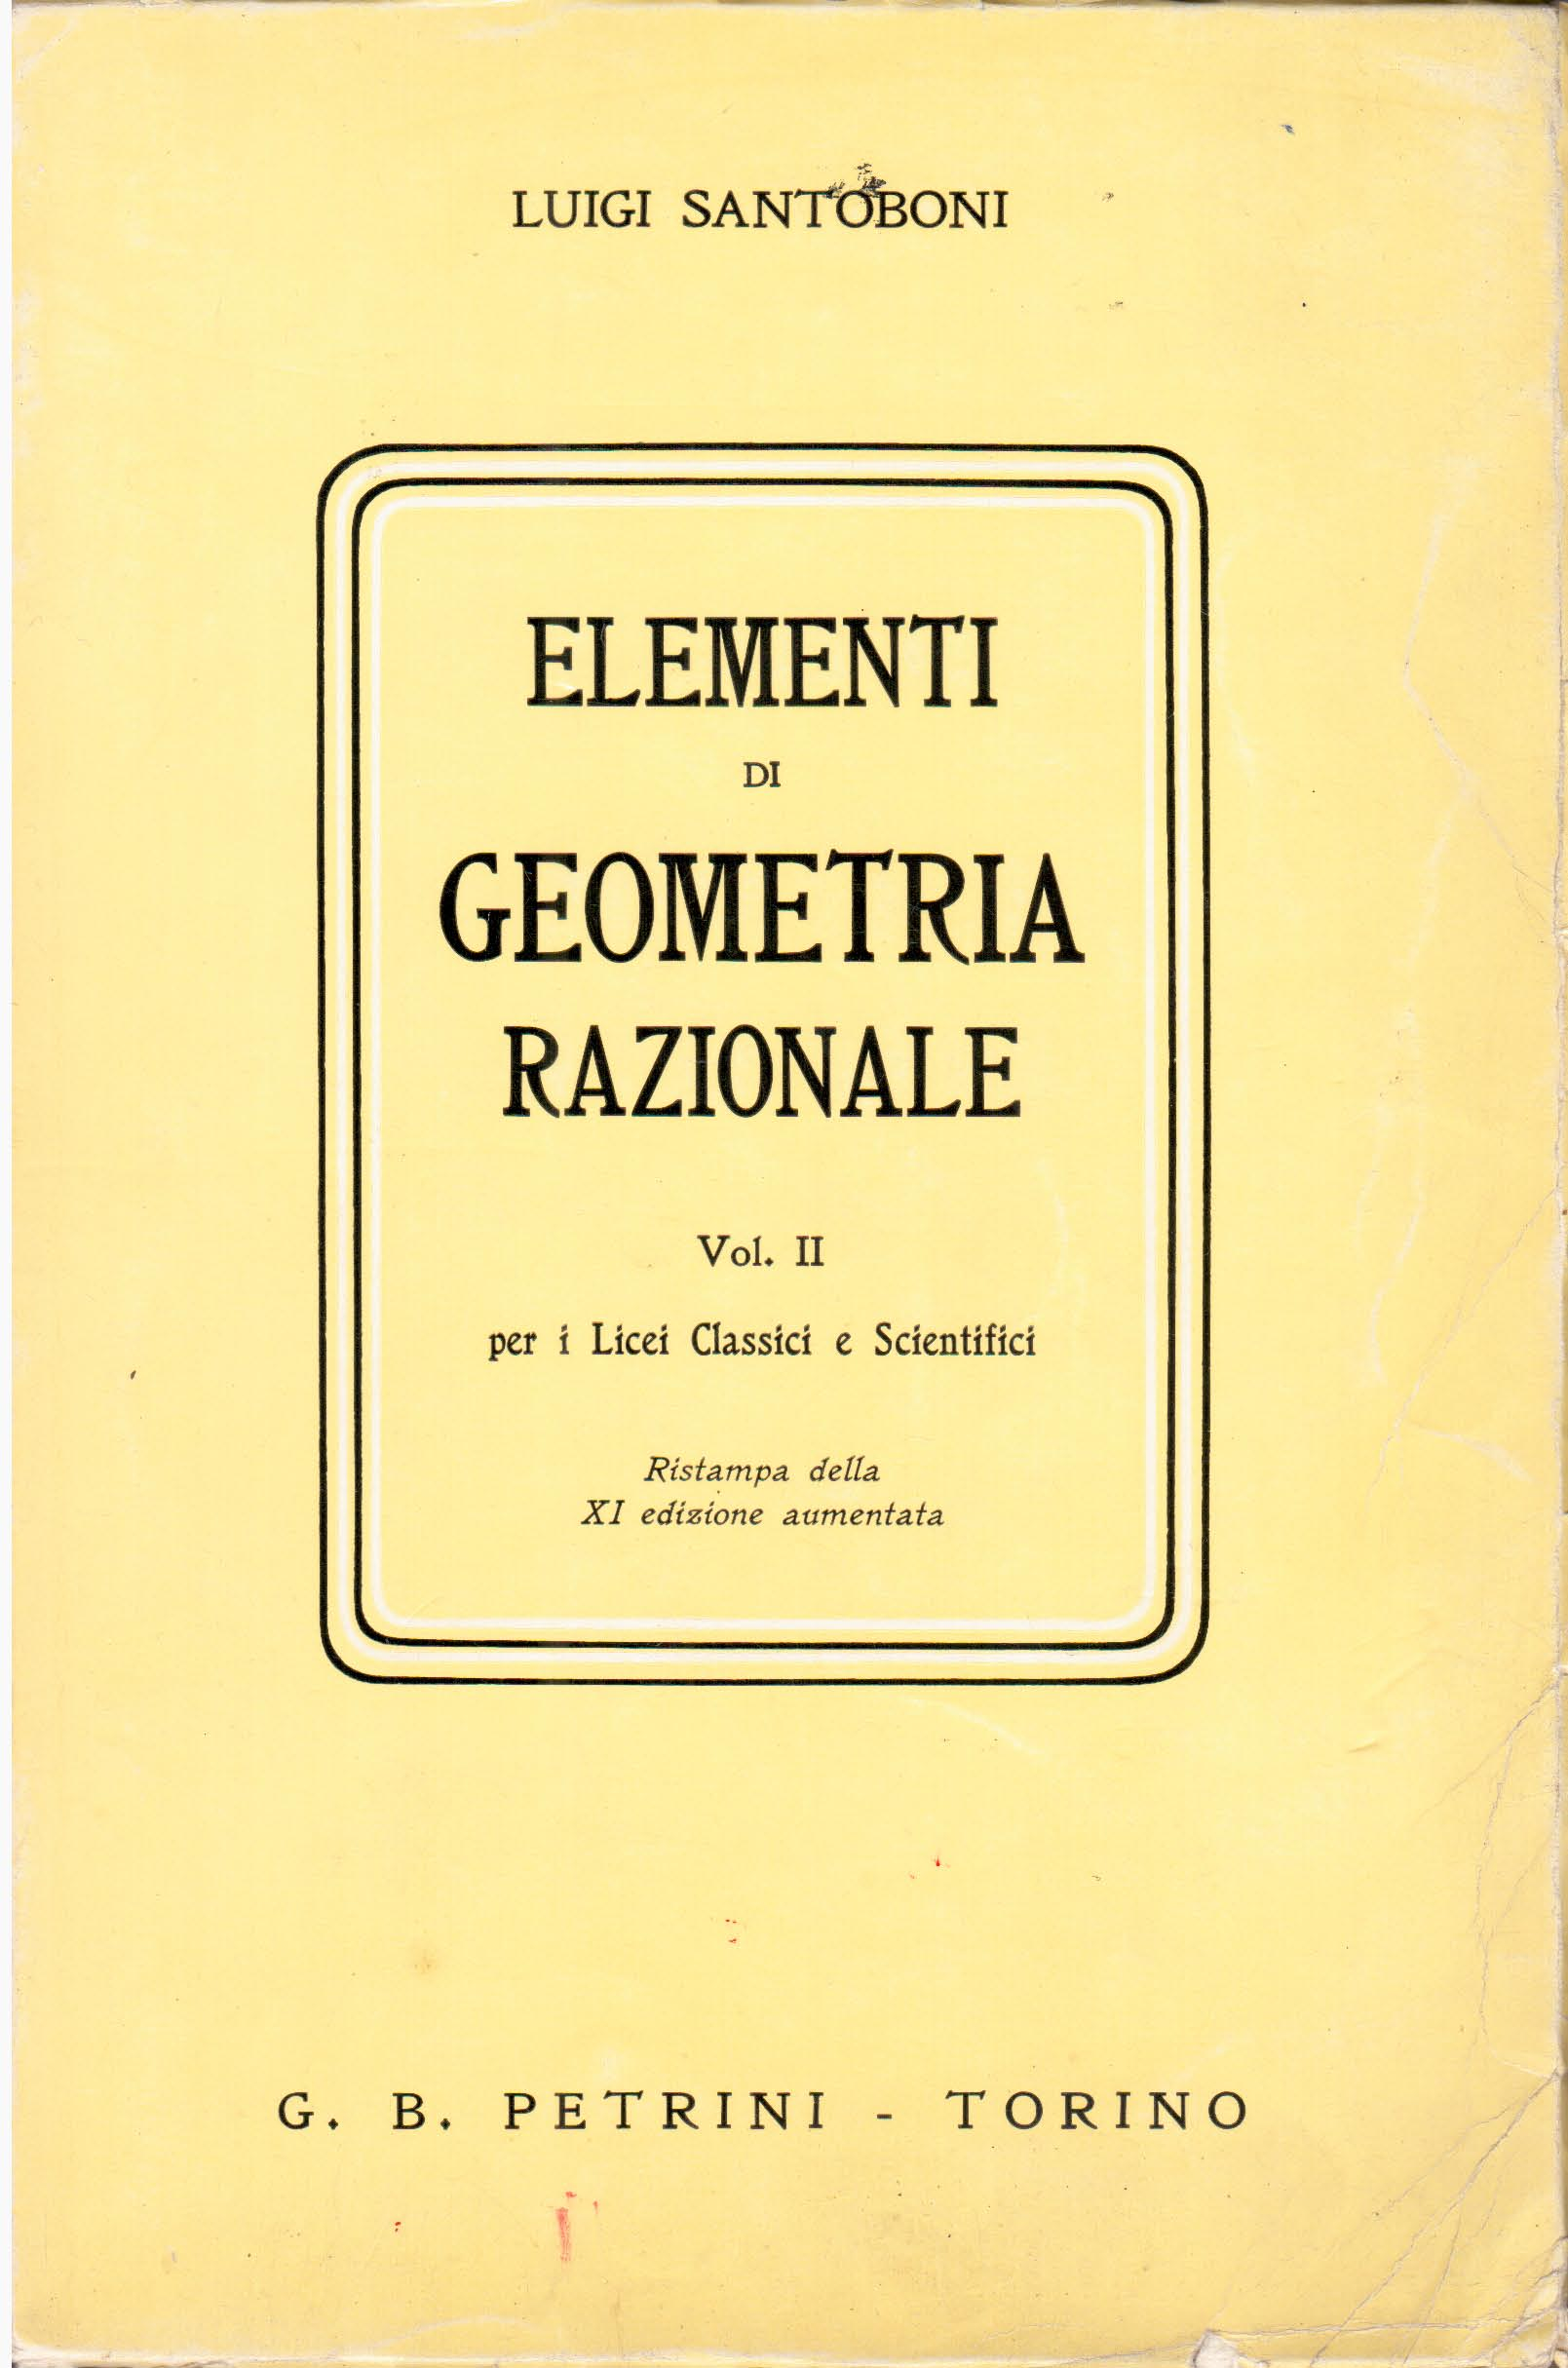 Elementi di geometria razionale - vol. 2